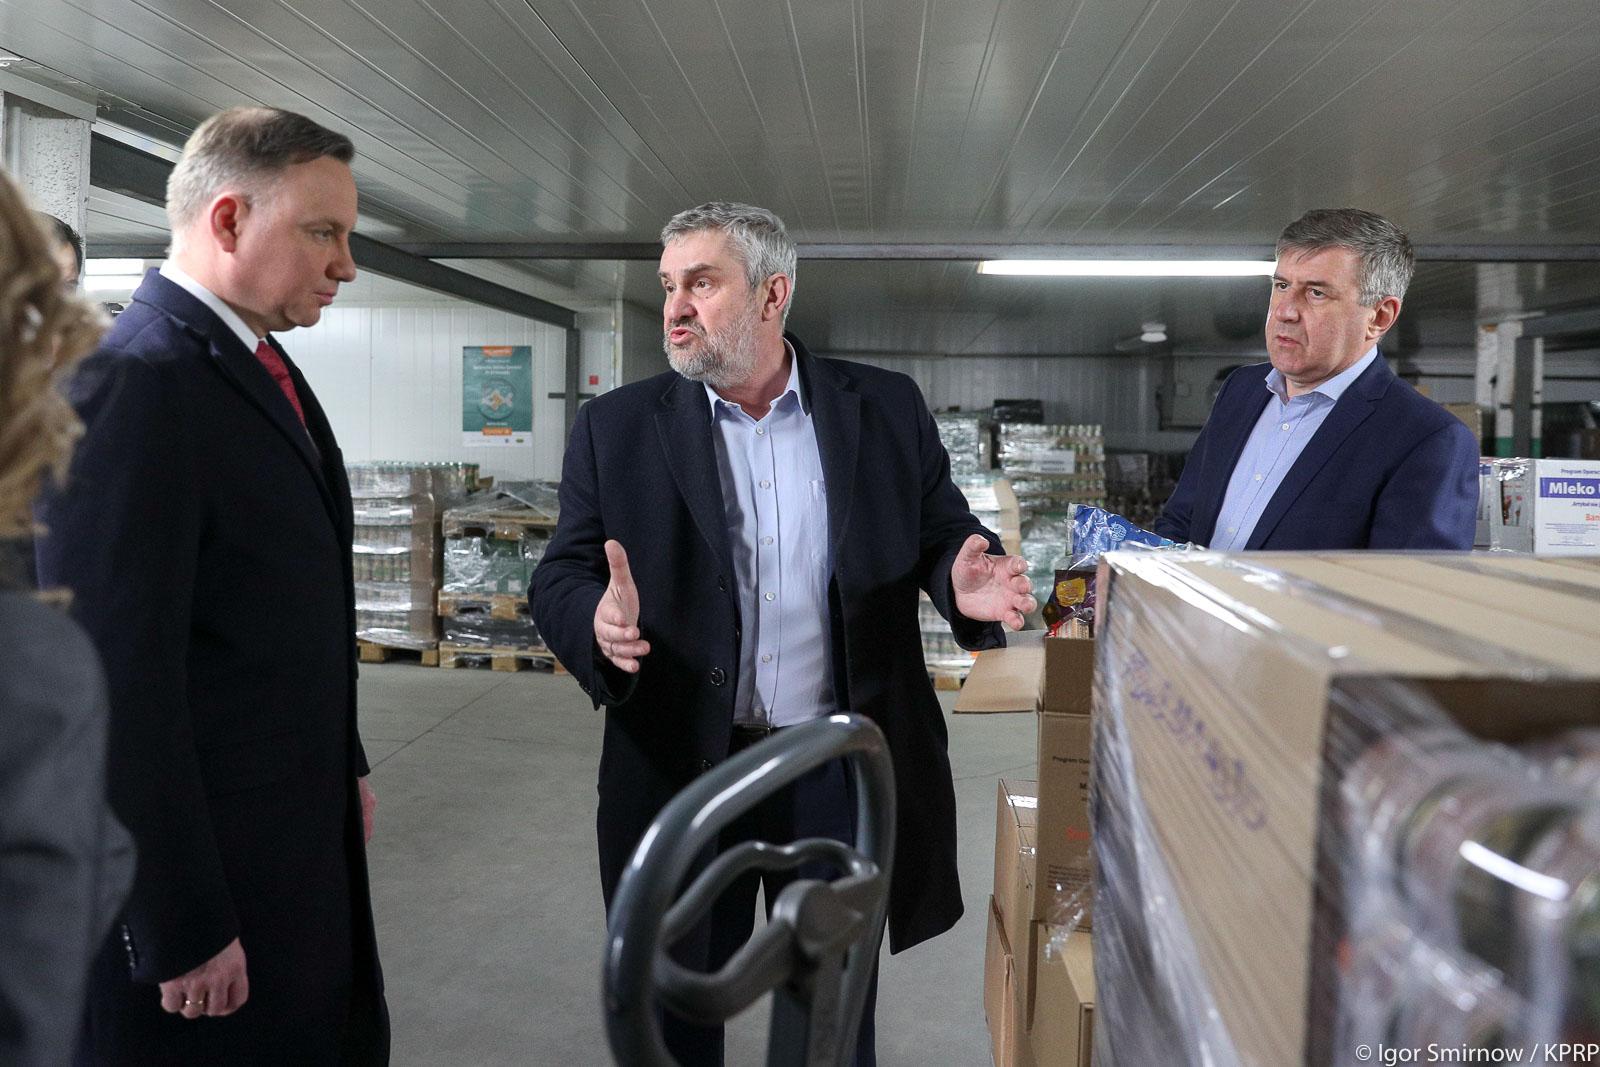 Prezydent RP Andrzej Duda i minister J. K. Ardanowski podczas wizyty w Ciechanowie